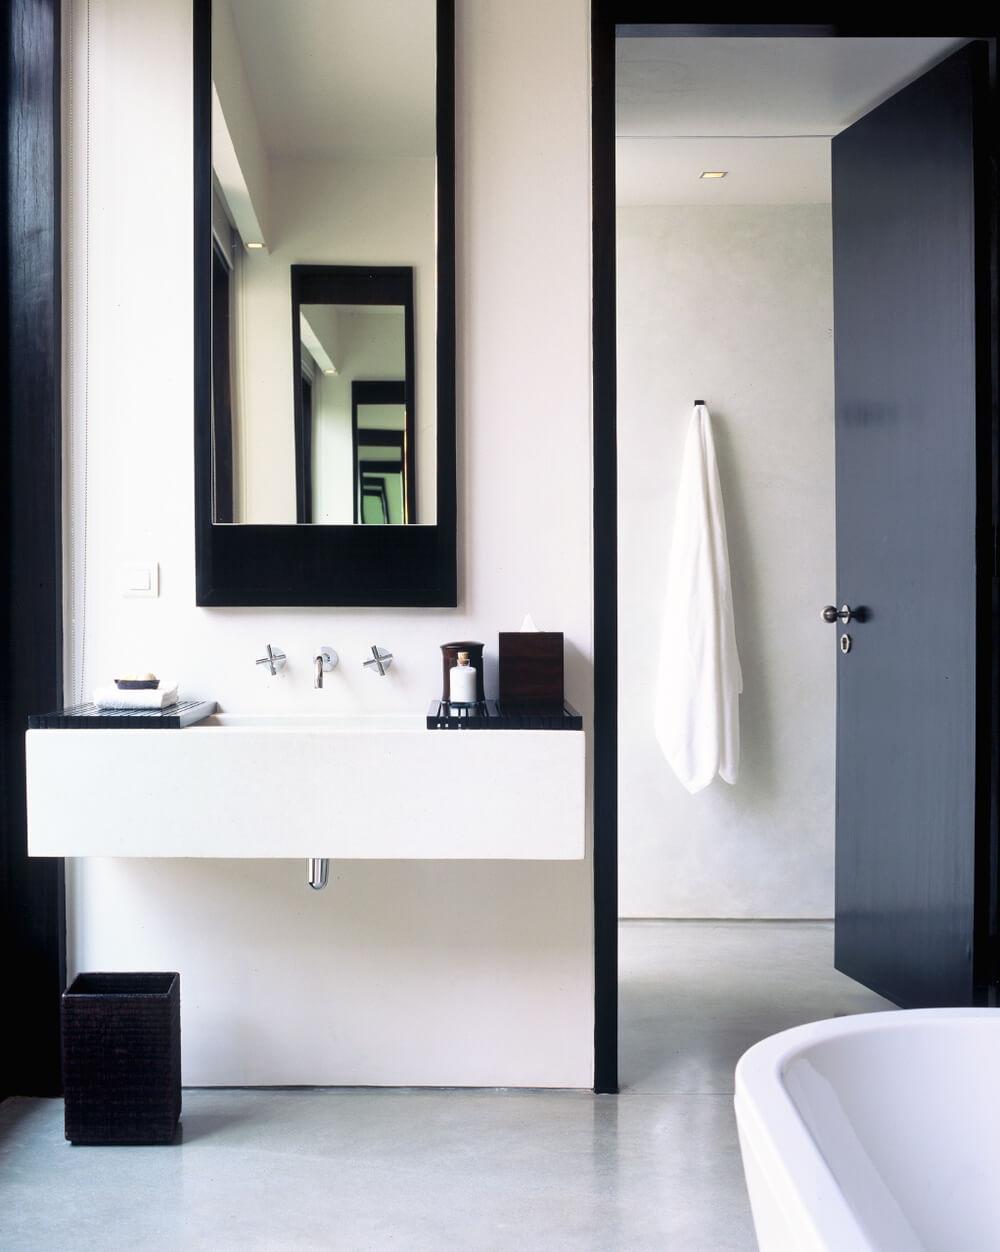 Architecture d'intérieur salle de bain